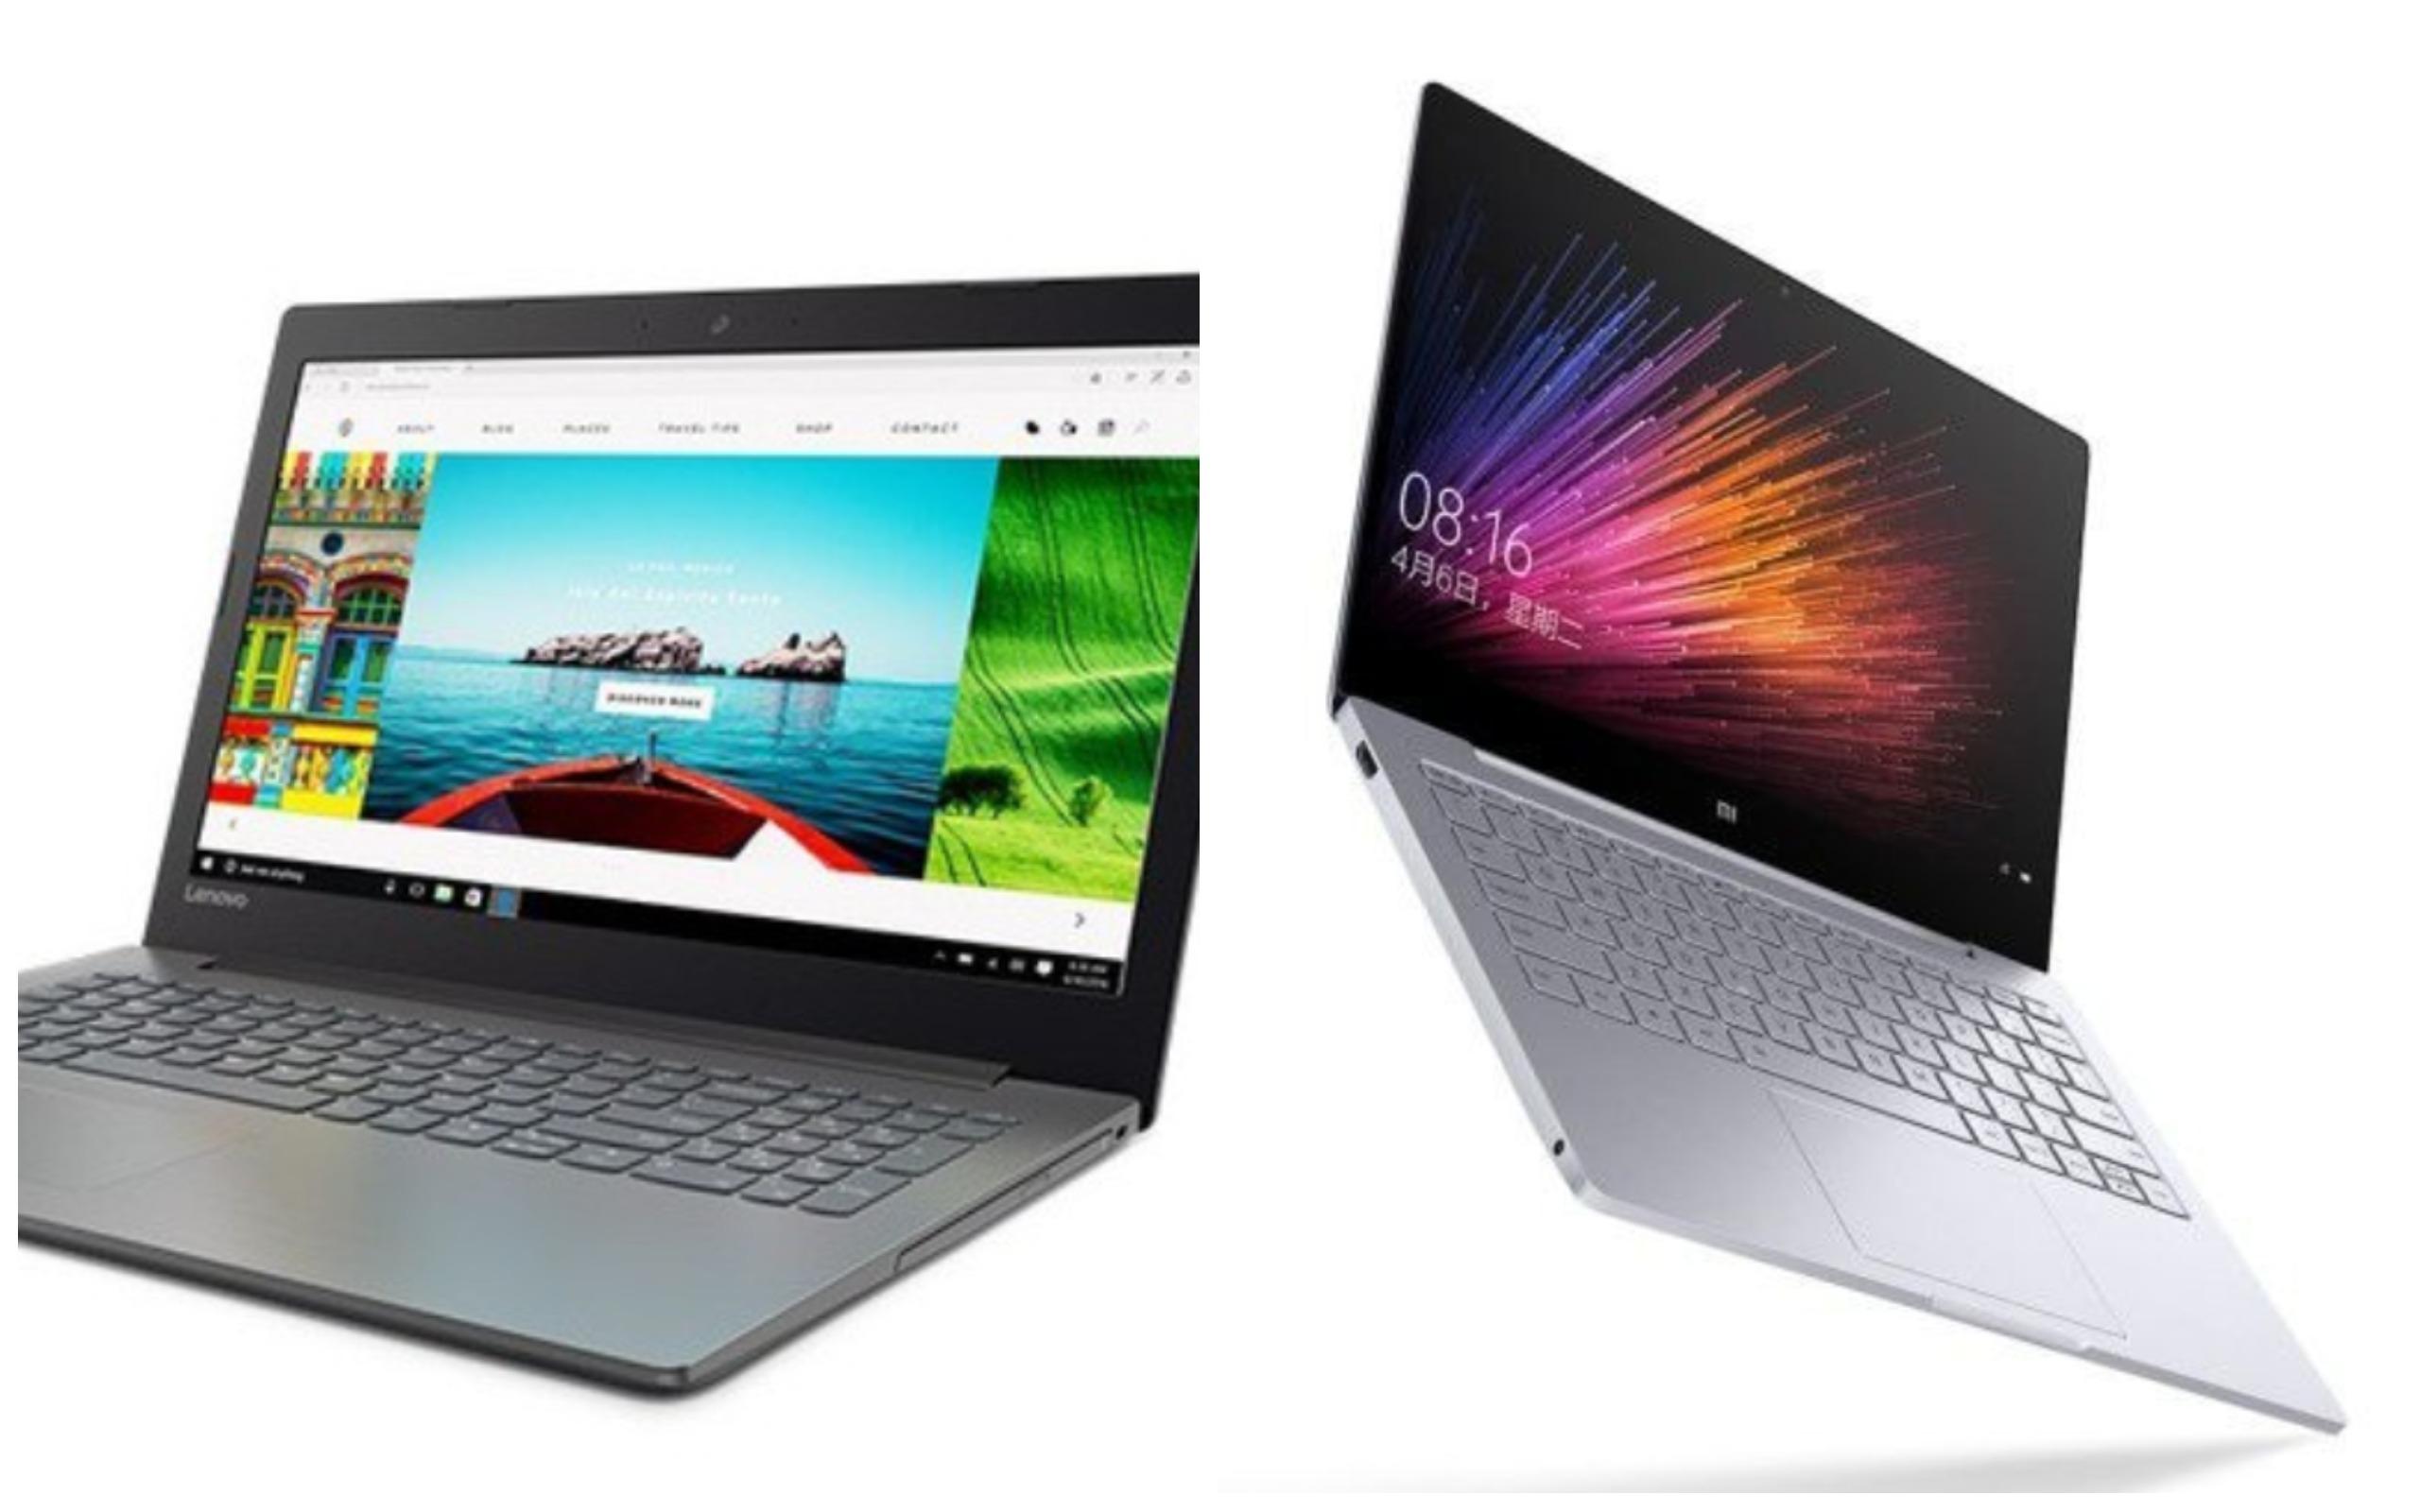 Laptop Prices In Singapore Xiaomi Lenovo